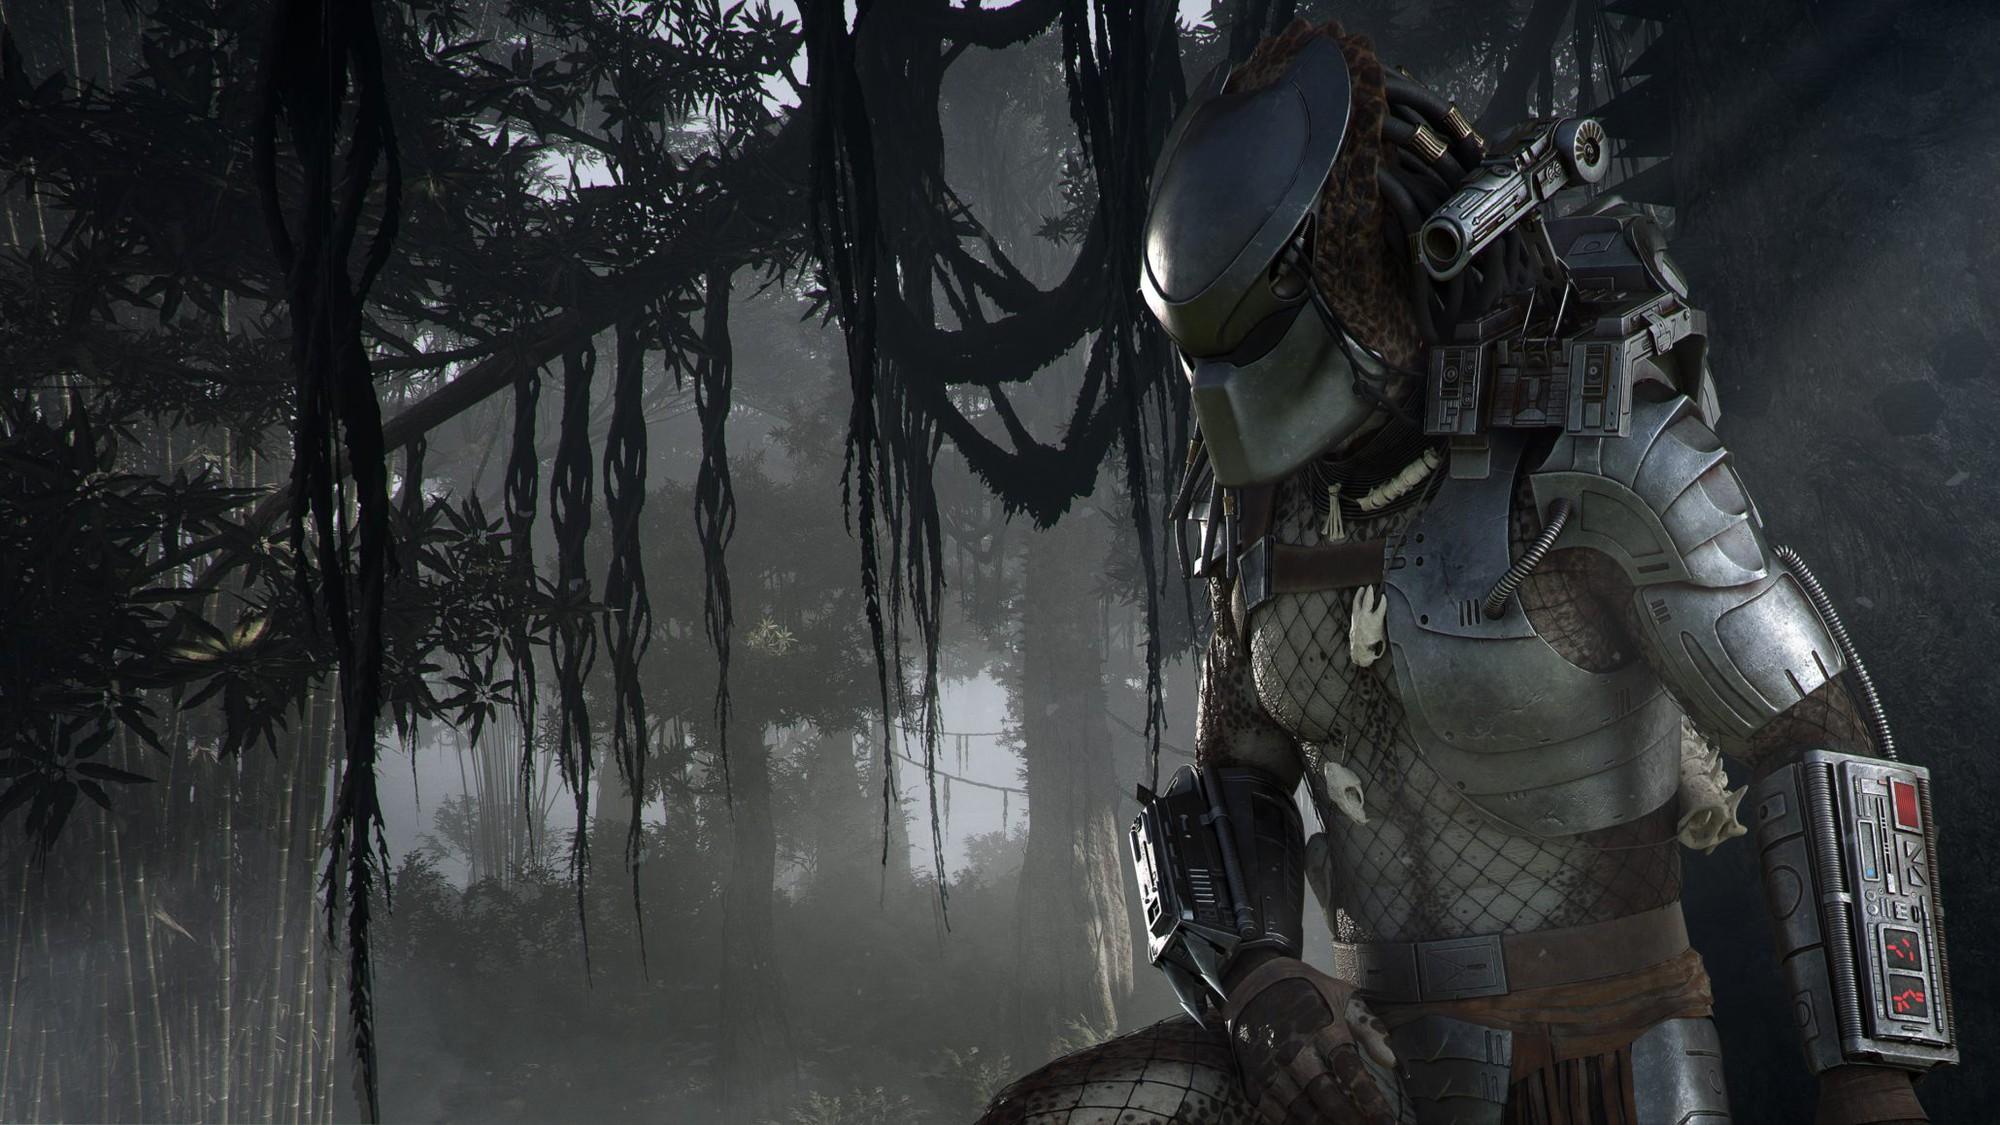 Alien và Predator: Số phận mù mịt của hai kẻ săn mồi trong tay chuột